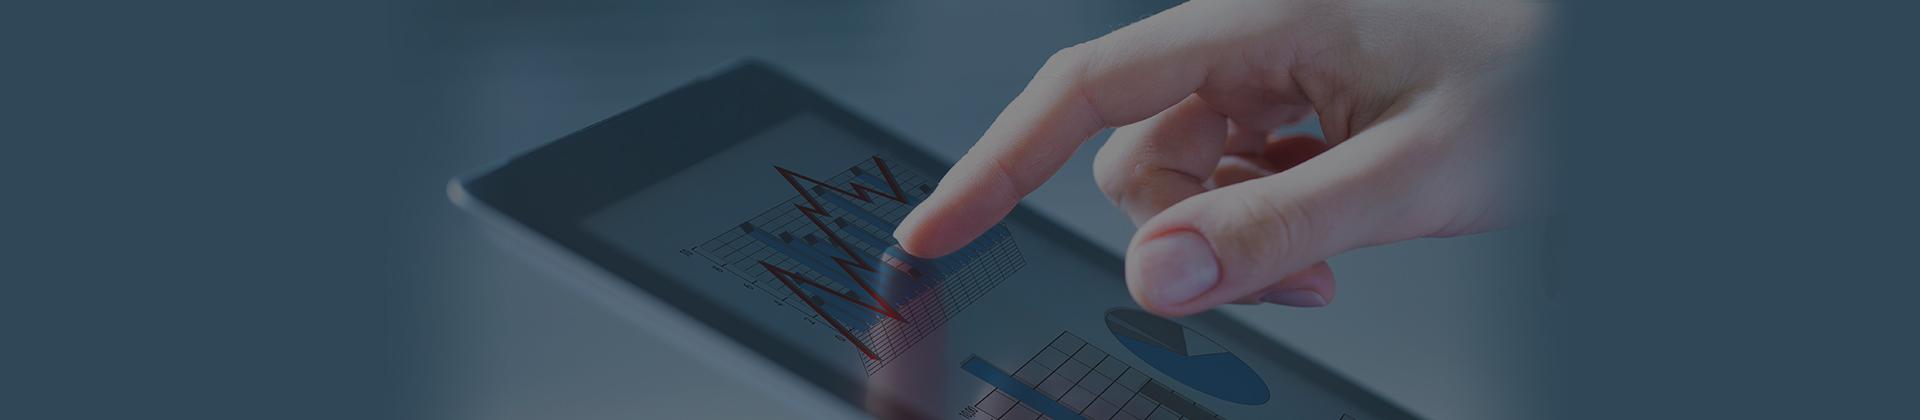 gestion - comptes - GVGM - Comptable - Cabinet - Experts comptables - loire - roanne - pierrelatte - lyon - paris